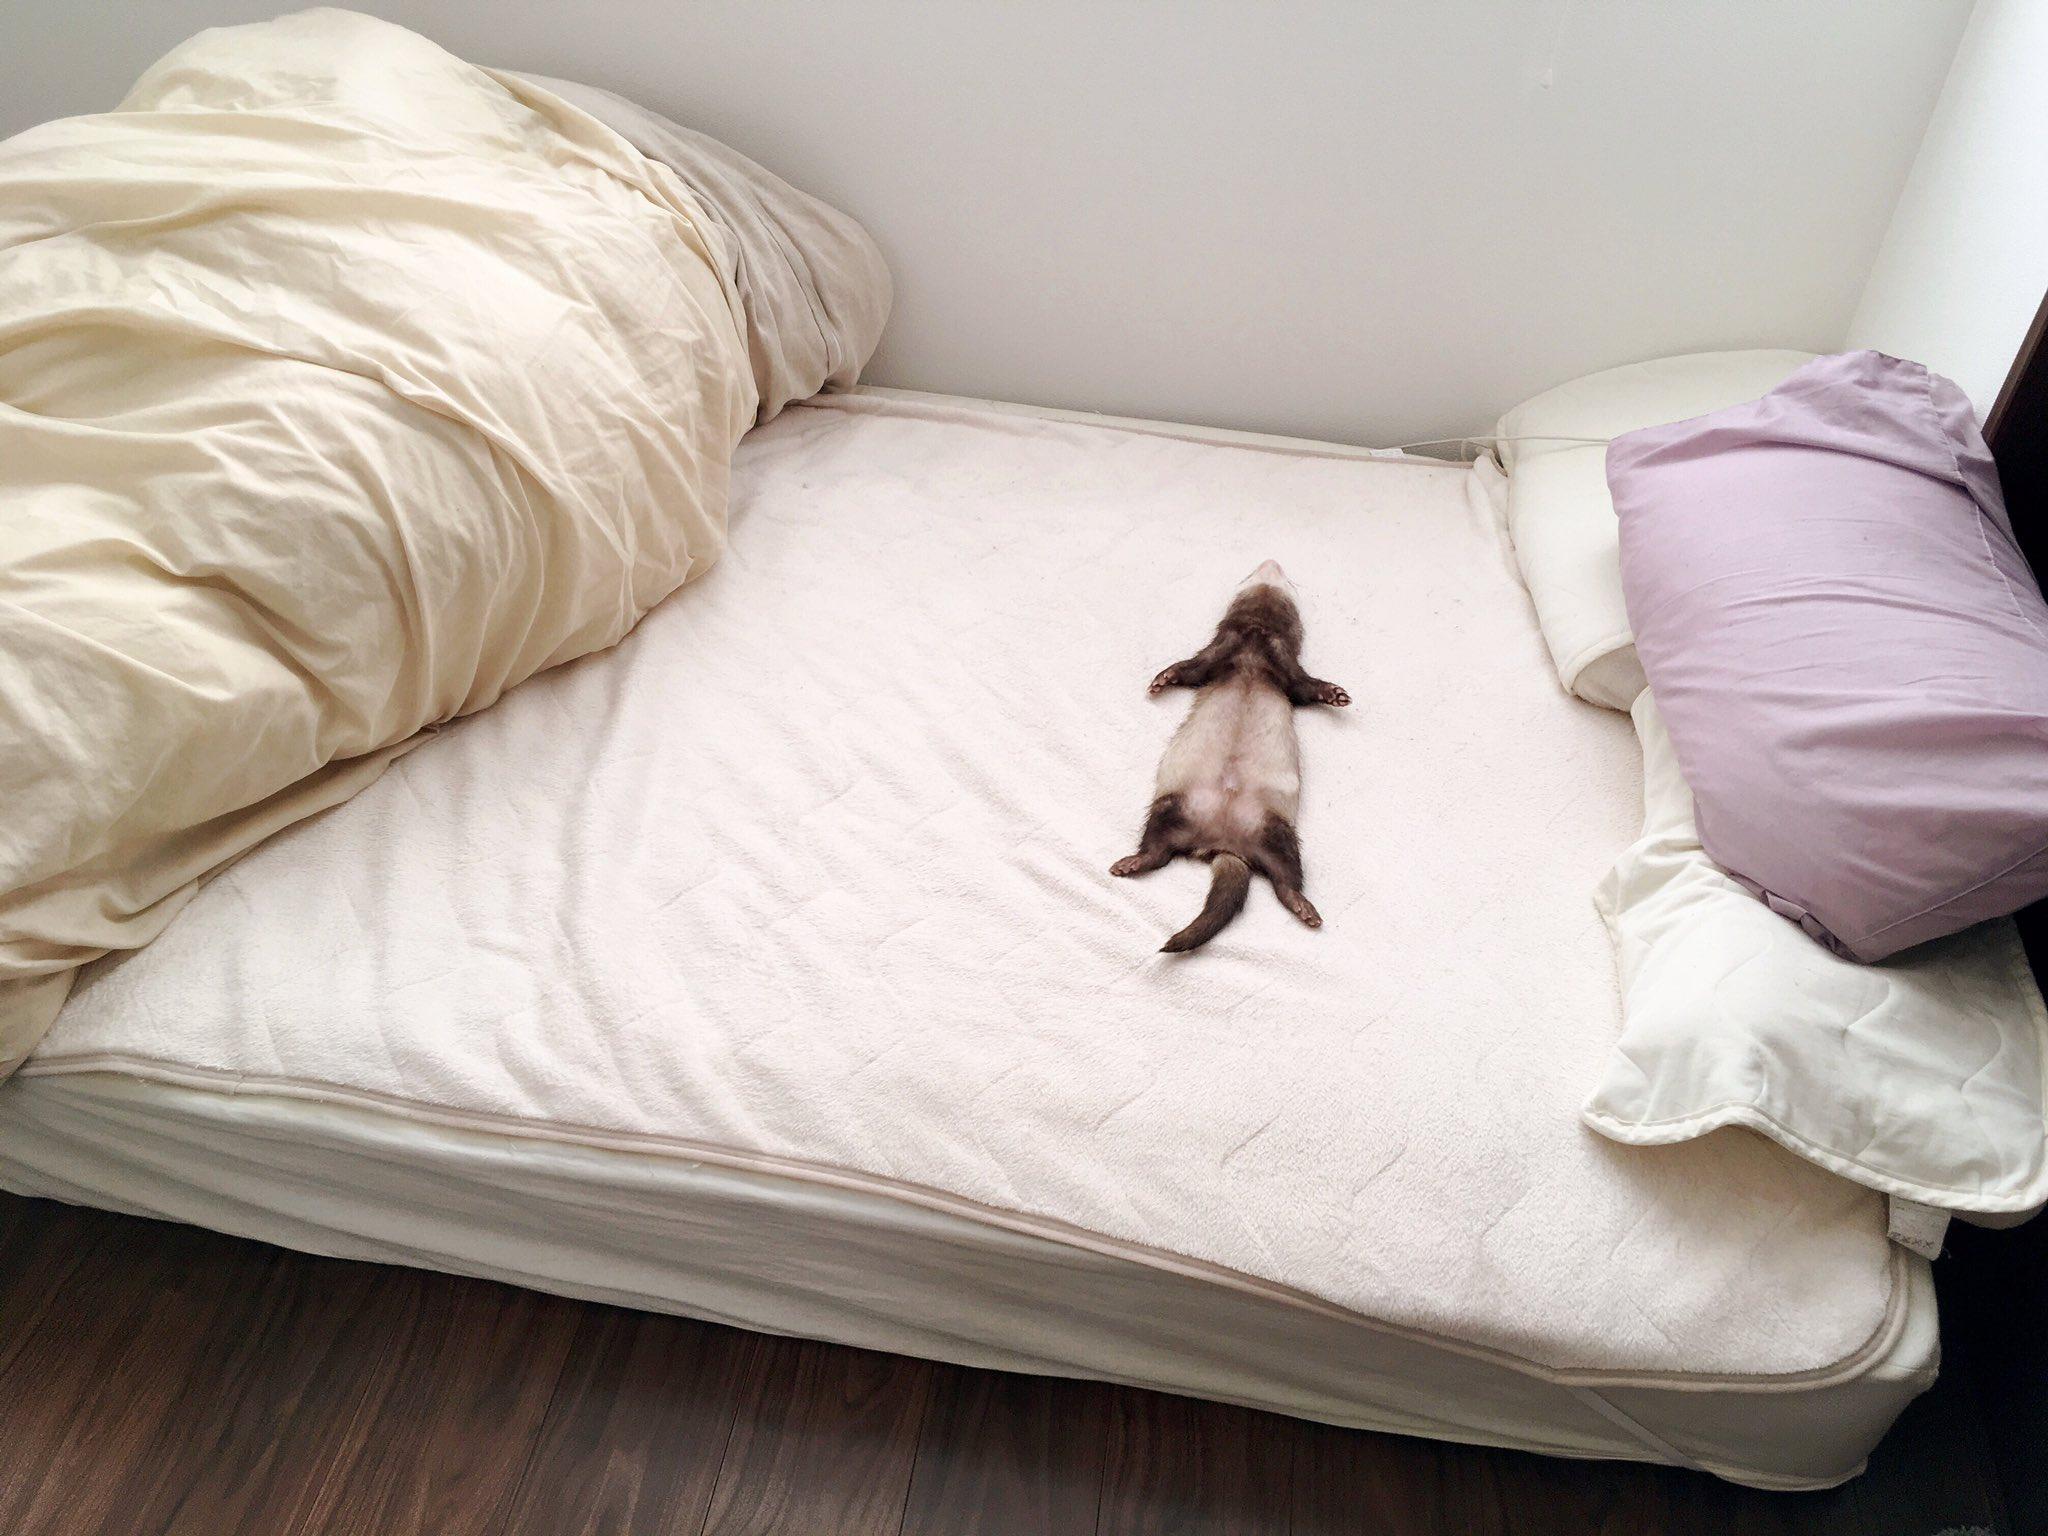 【65 000rt】ベッドで大の字で寝ていたフェレットの写真wwwwwwwwwwww